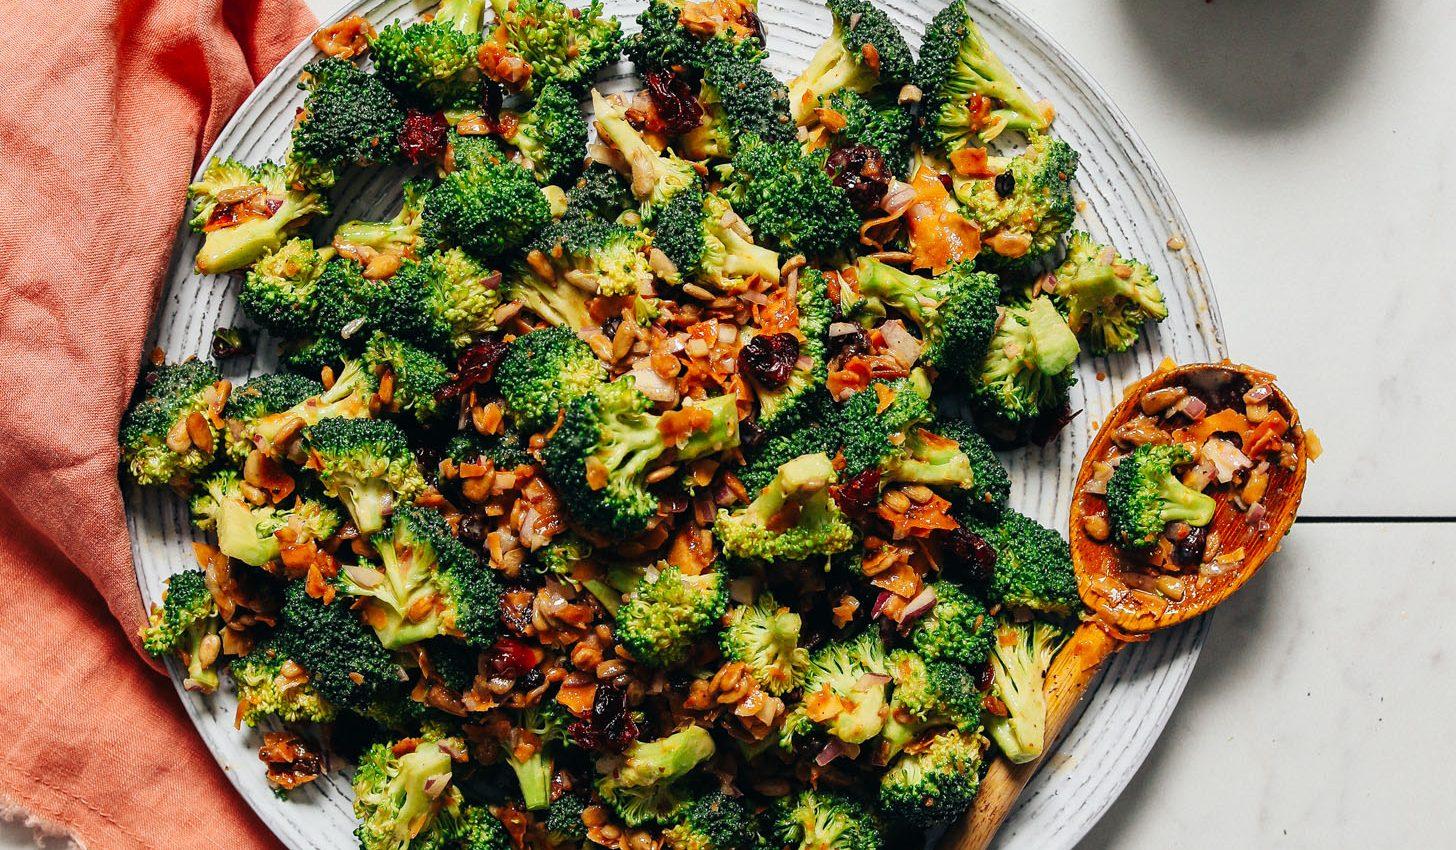 Easy Creamy Vegan Broccoli Salad